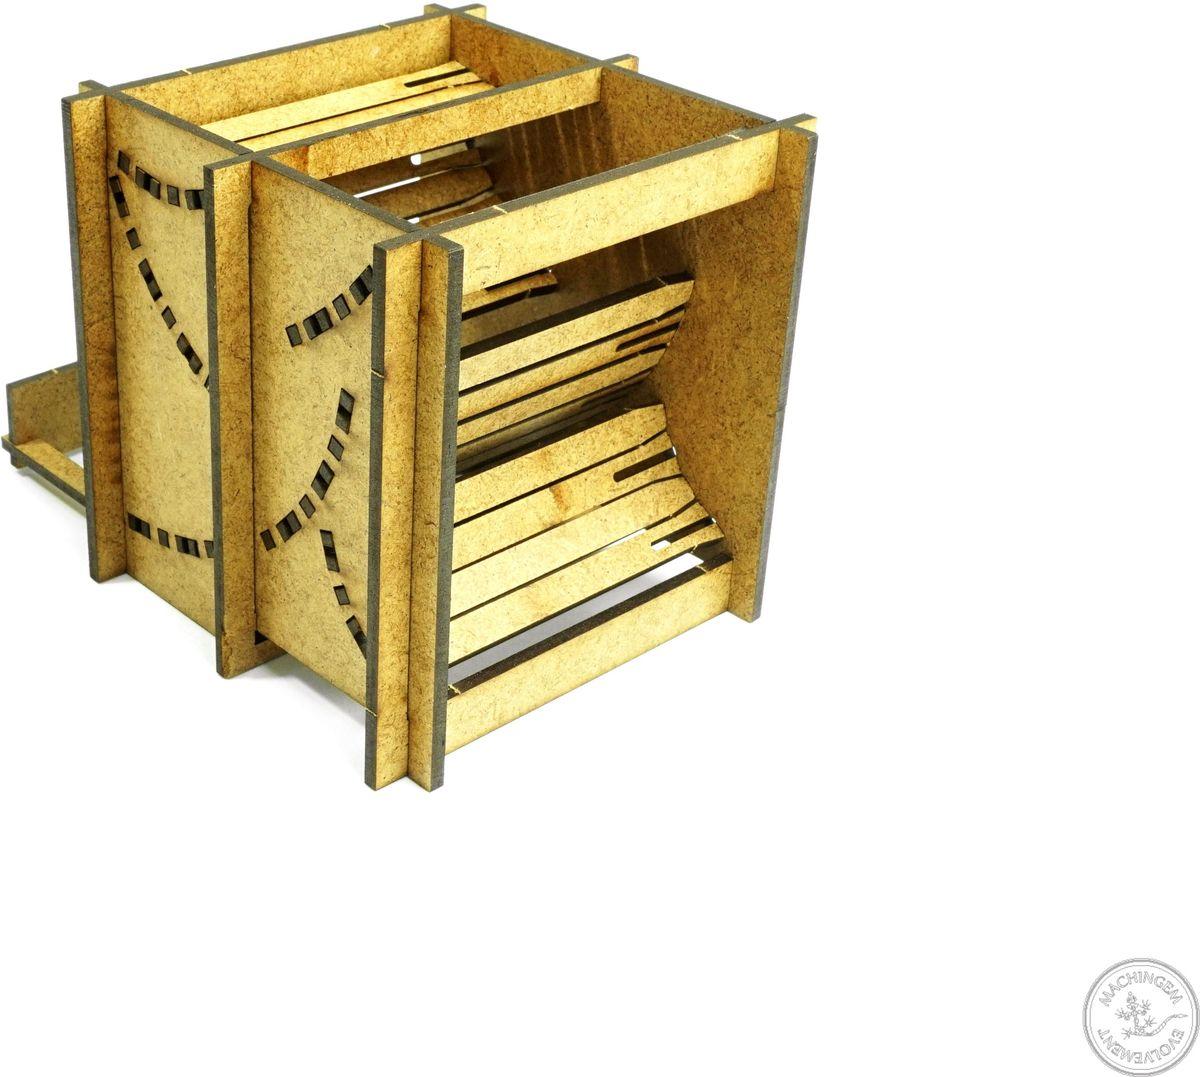 Правильные игры Башня для бросков кубиков Короб Дождя малая складная 2 режимаLP005-064Башня для бросков кубиков - это приспособления для бросков кубиков когда важно, чтобы значения, выпавшие на кубиках не подверглись сомнению. Башня собирается самостоятельно без клея.